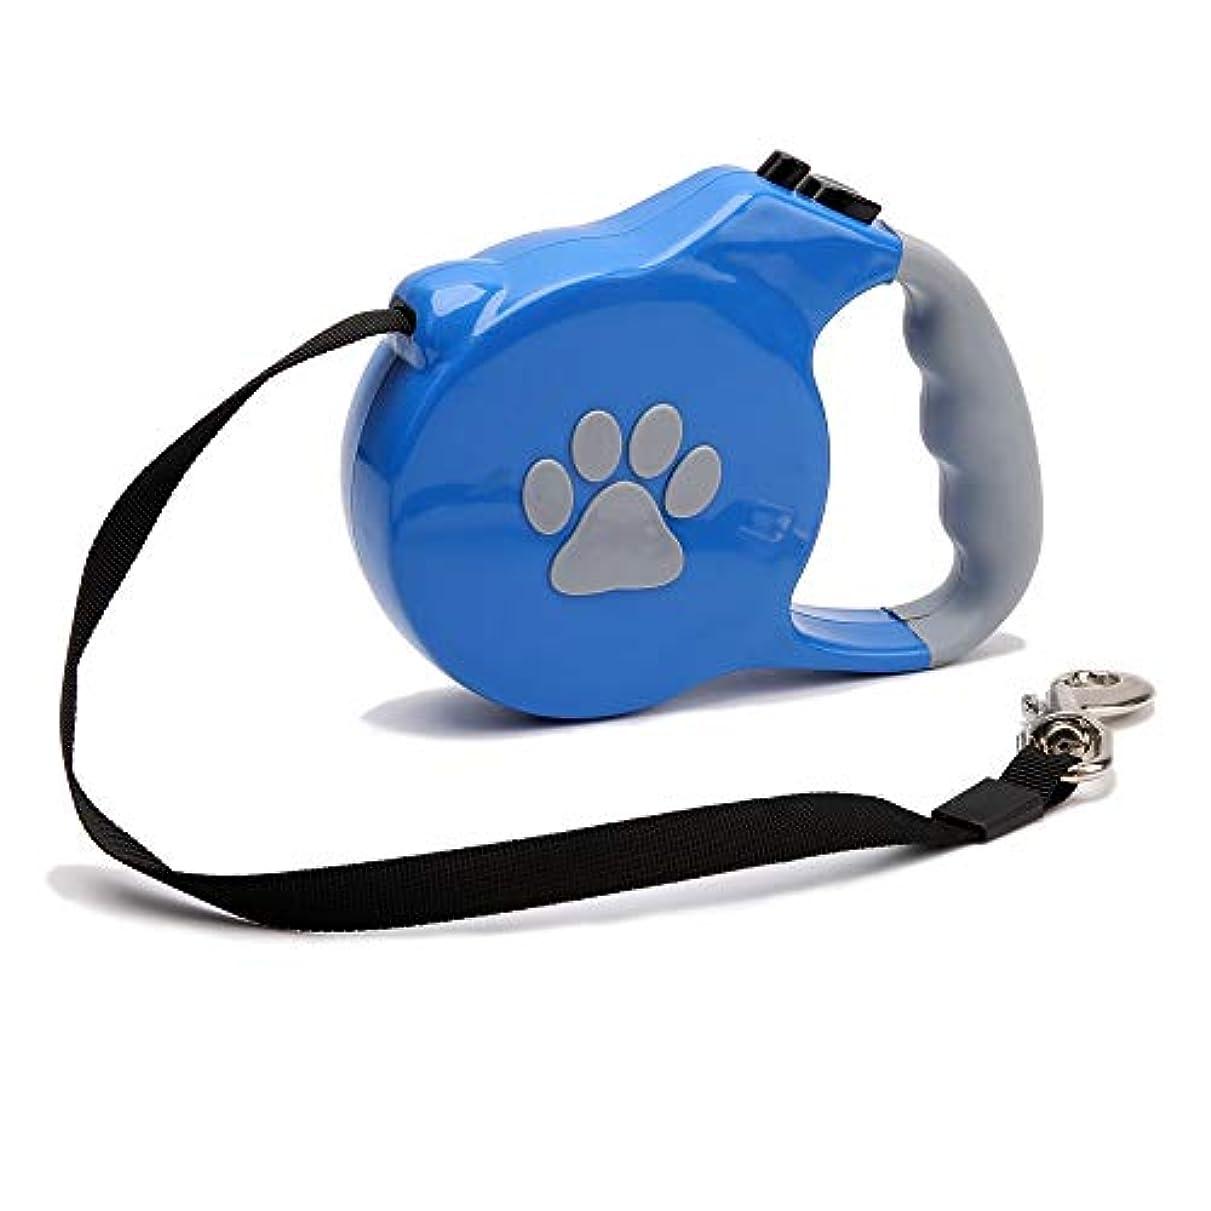 圧縮する一掃する追記KEYI 5メートルフラットロープブルー伸縮牽引ロープ自動牽引ロープロープ犬の鎖 (色 : 青, サイズ : 5M)